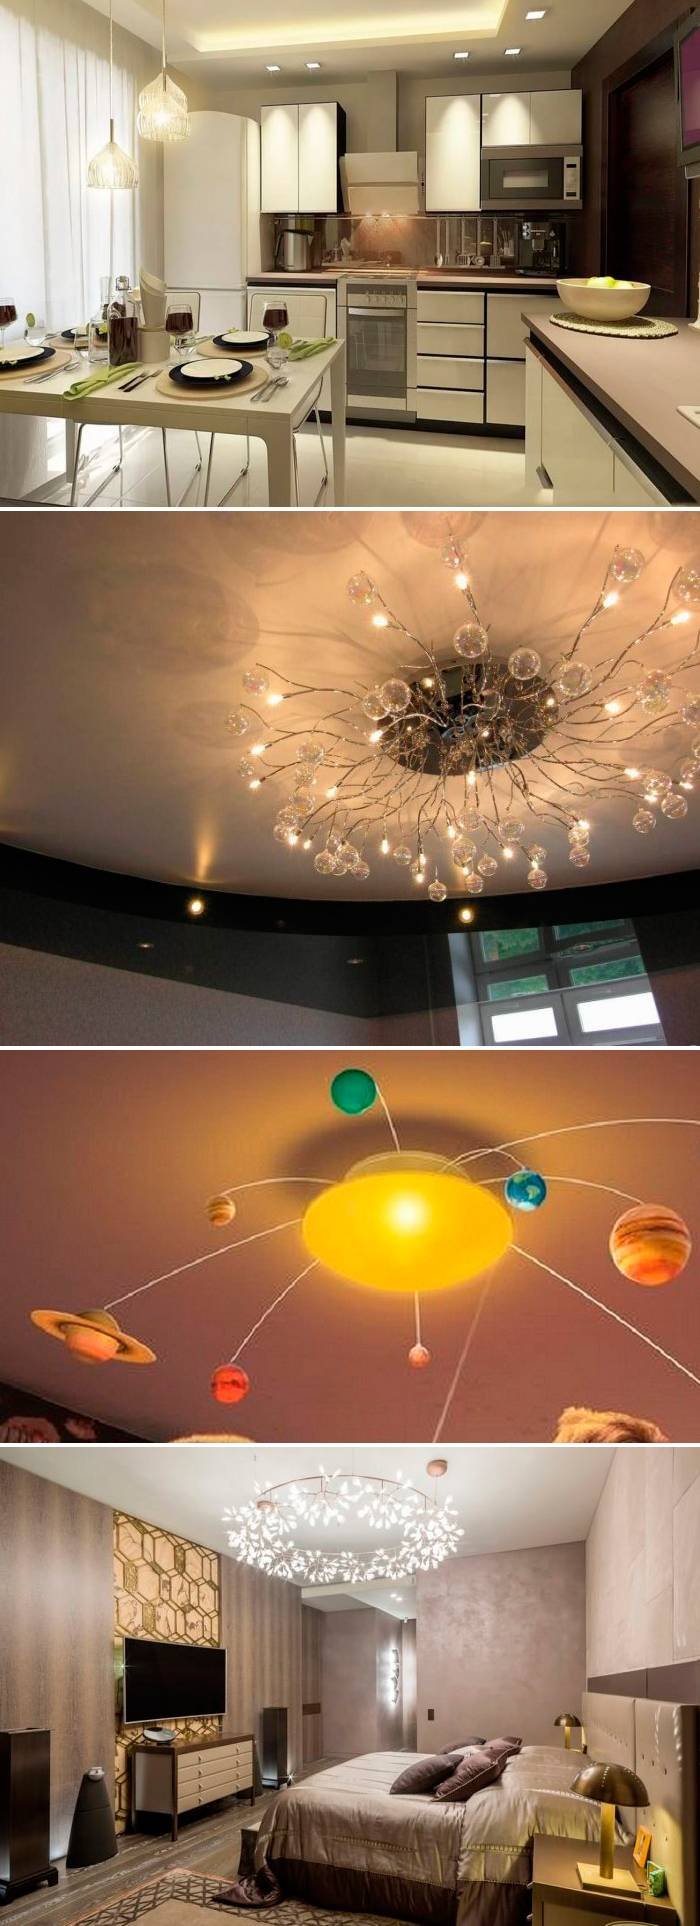 Люстры в разные помещения